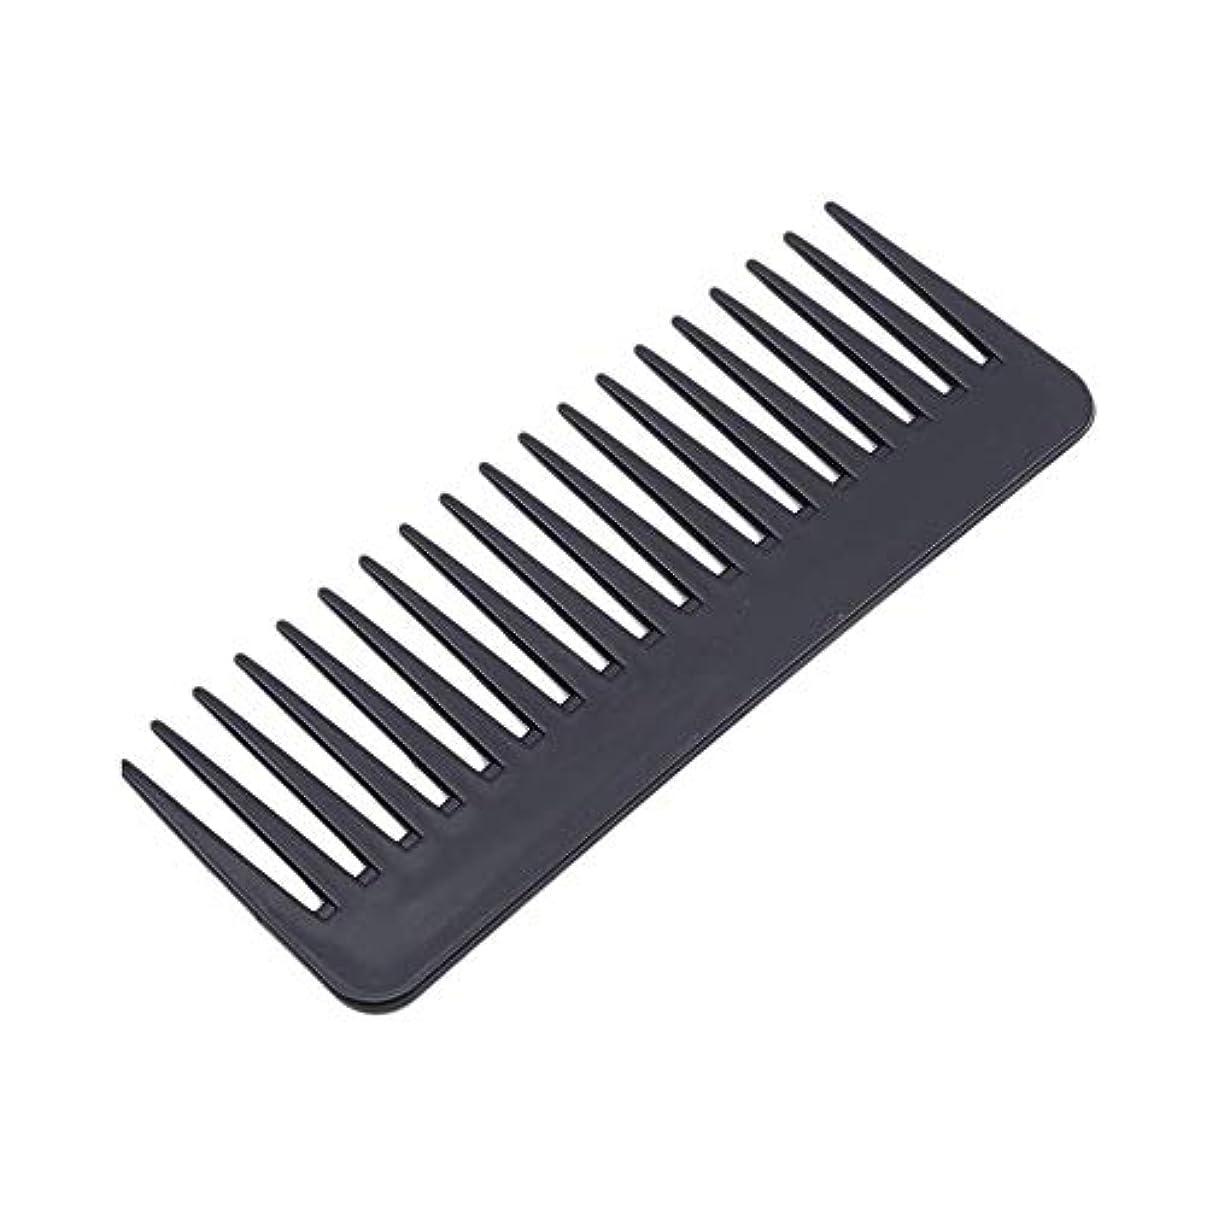 バンク貸し手導体1st market 広い歯の櫛の腹筋理髪ツールの ための耐熱性プラスチック大きな歯の櫛